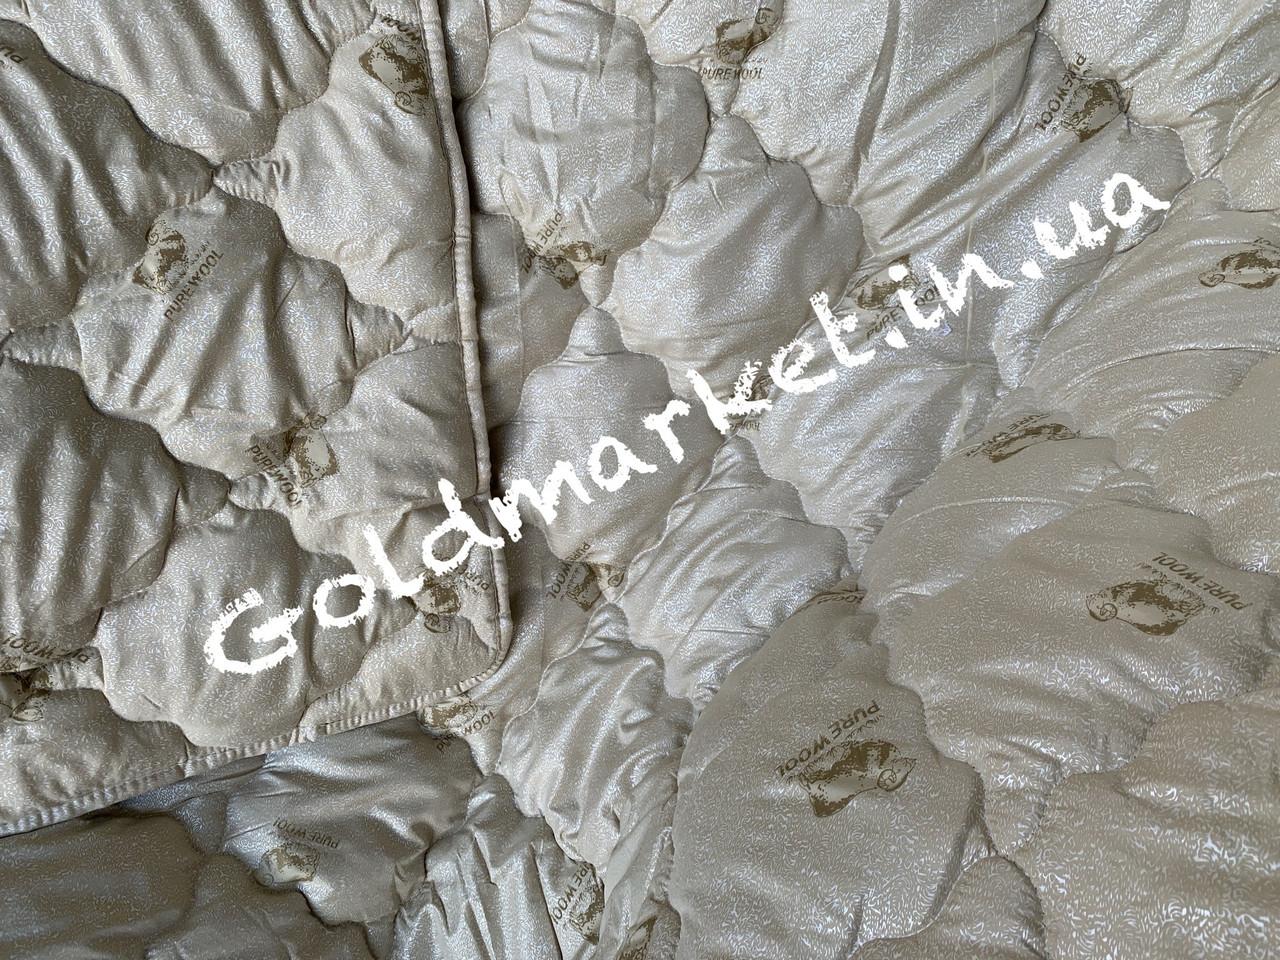 Одеяло теплое на овечьей шерсти/ Зимнее тёплое одеяло/ Одеяло на Овчинке 175*210см